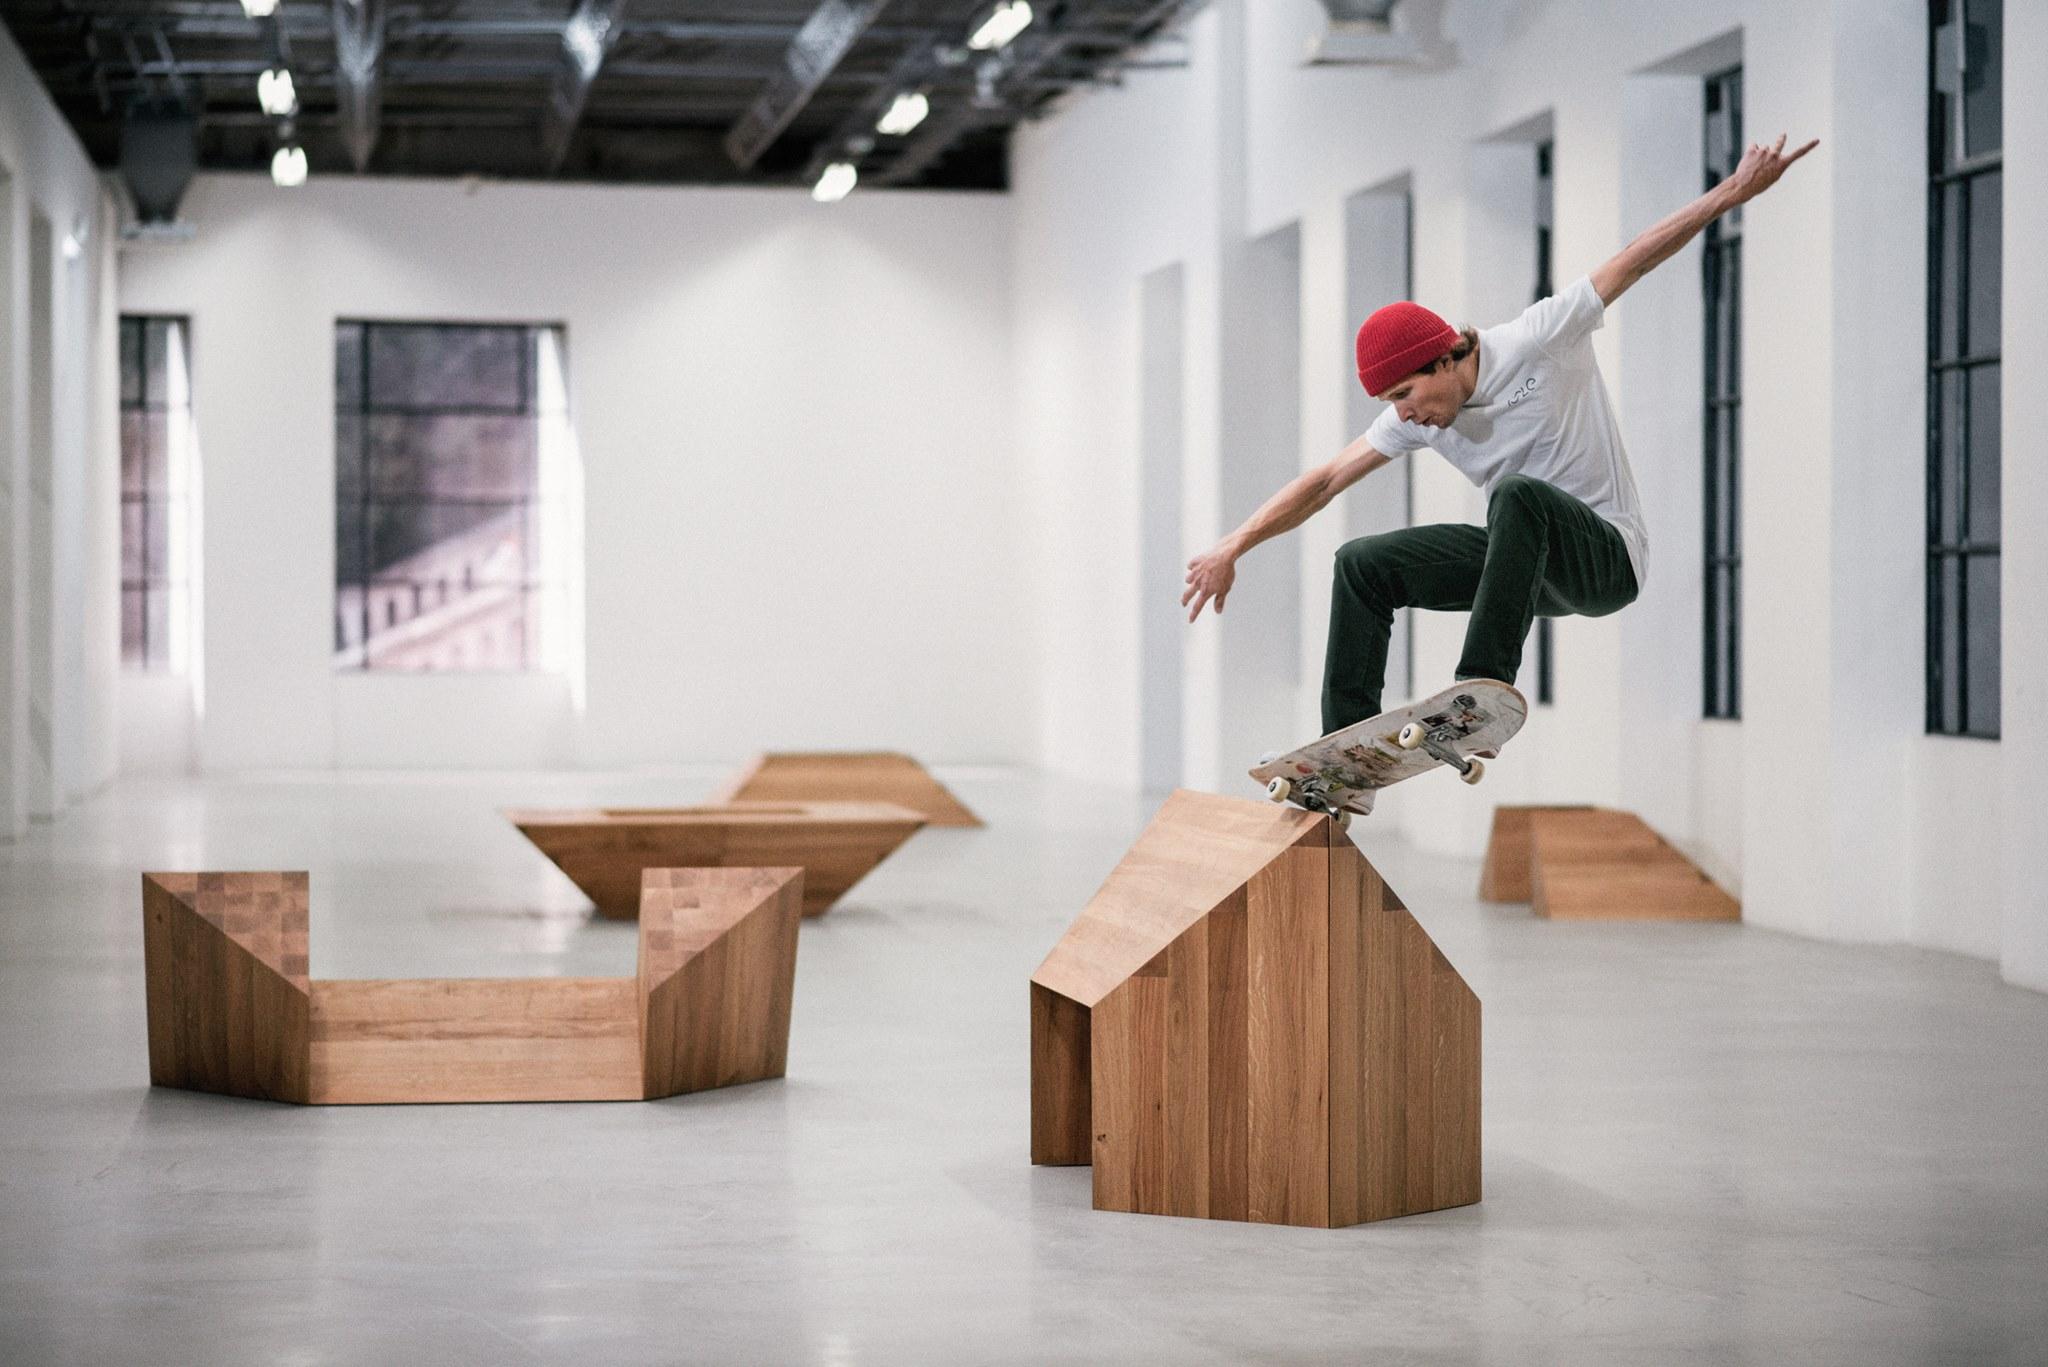 Finissage des expositions / Paving Space, session skate dimanche 20 mai au Frac Franche-Comté